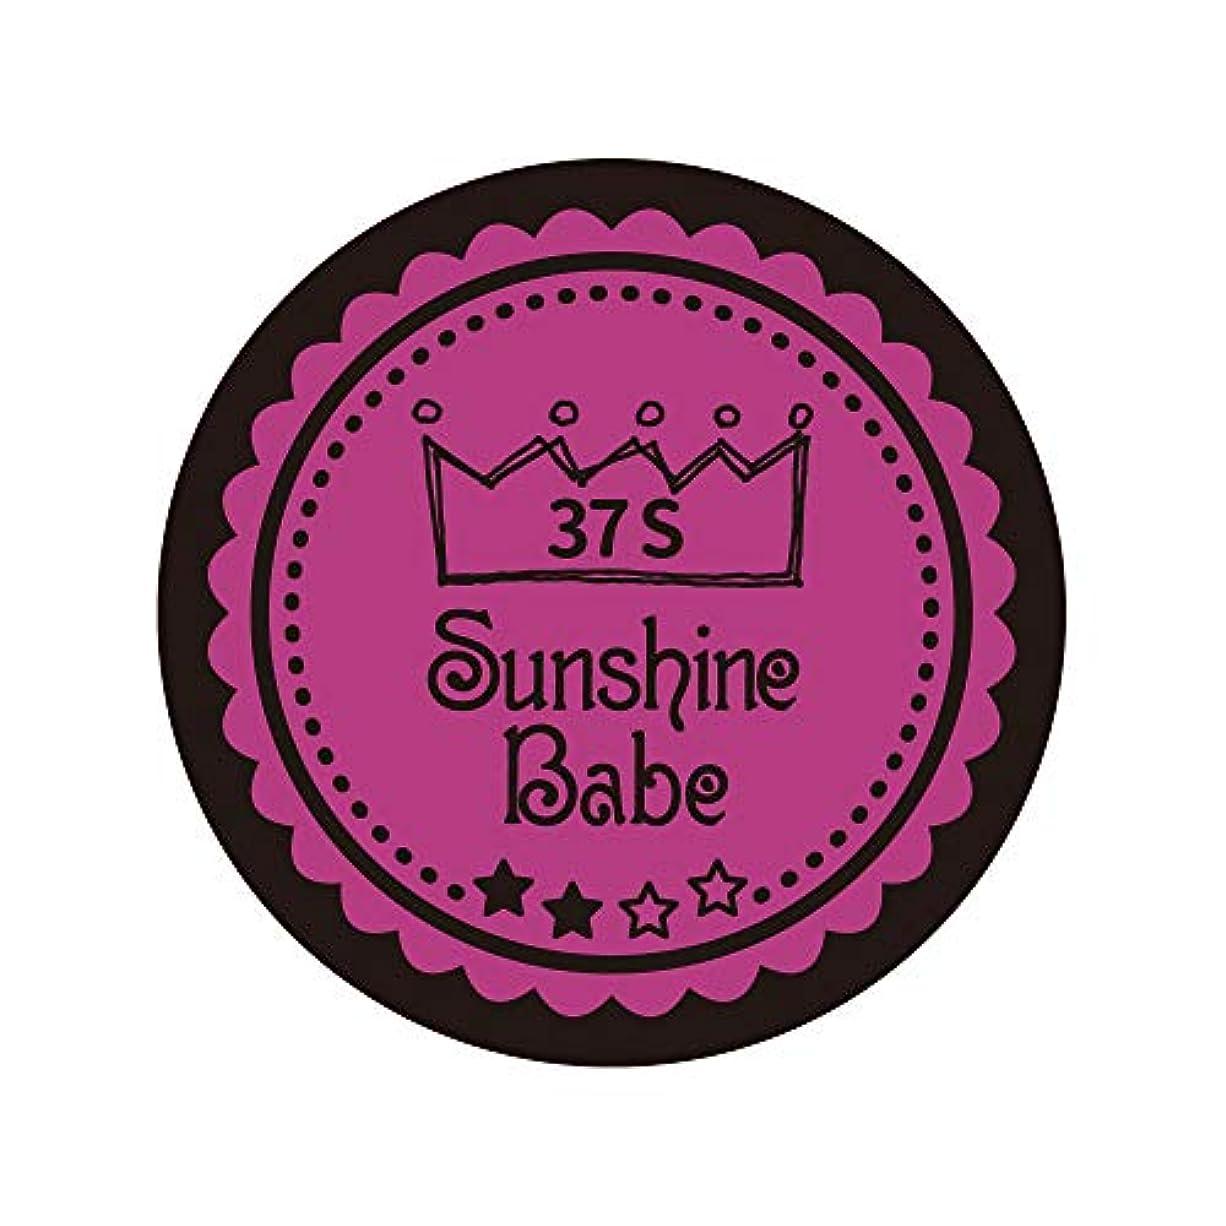 コールド想像力そよ風Sunshine Babe カラージェル 37S フューシャピンク 4g UV/LED対応